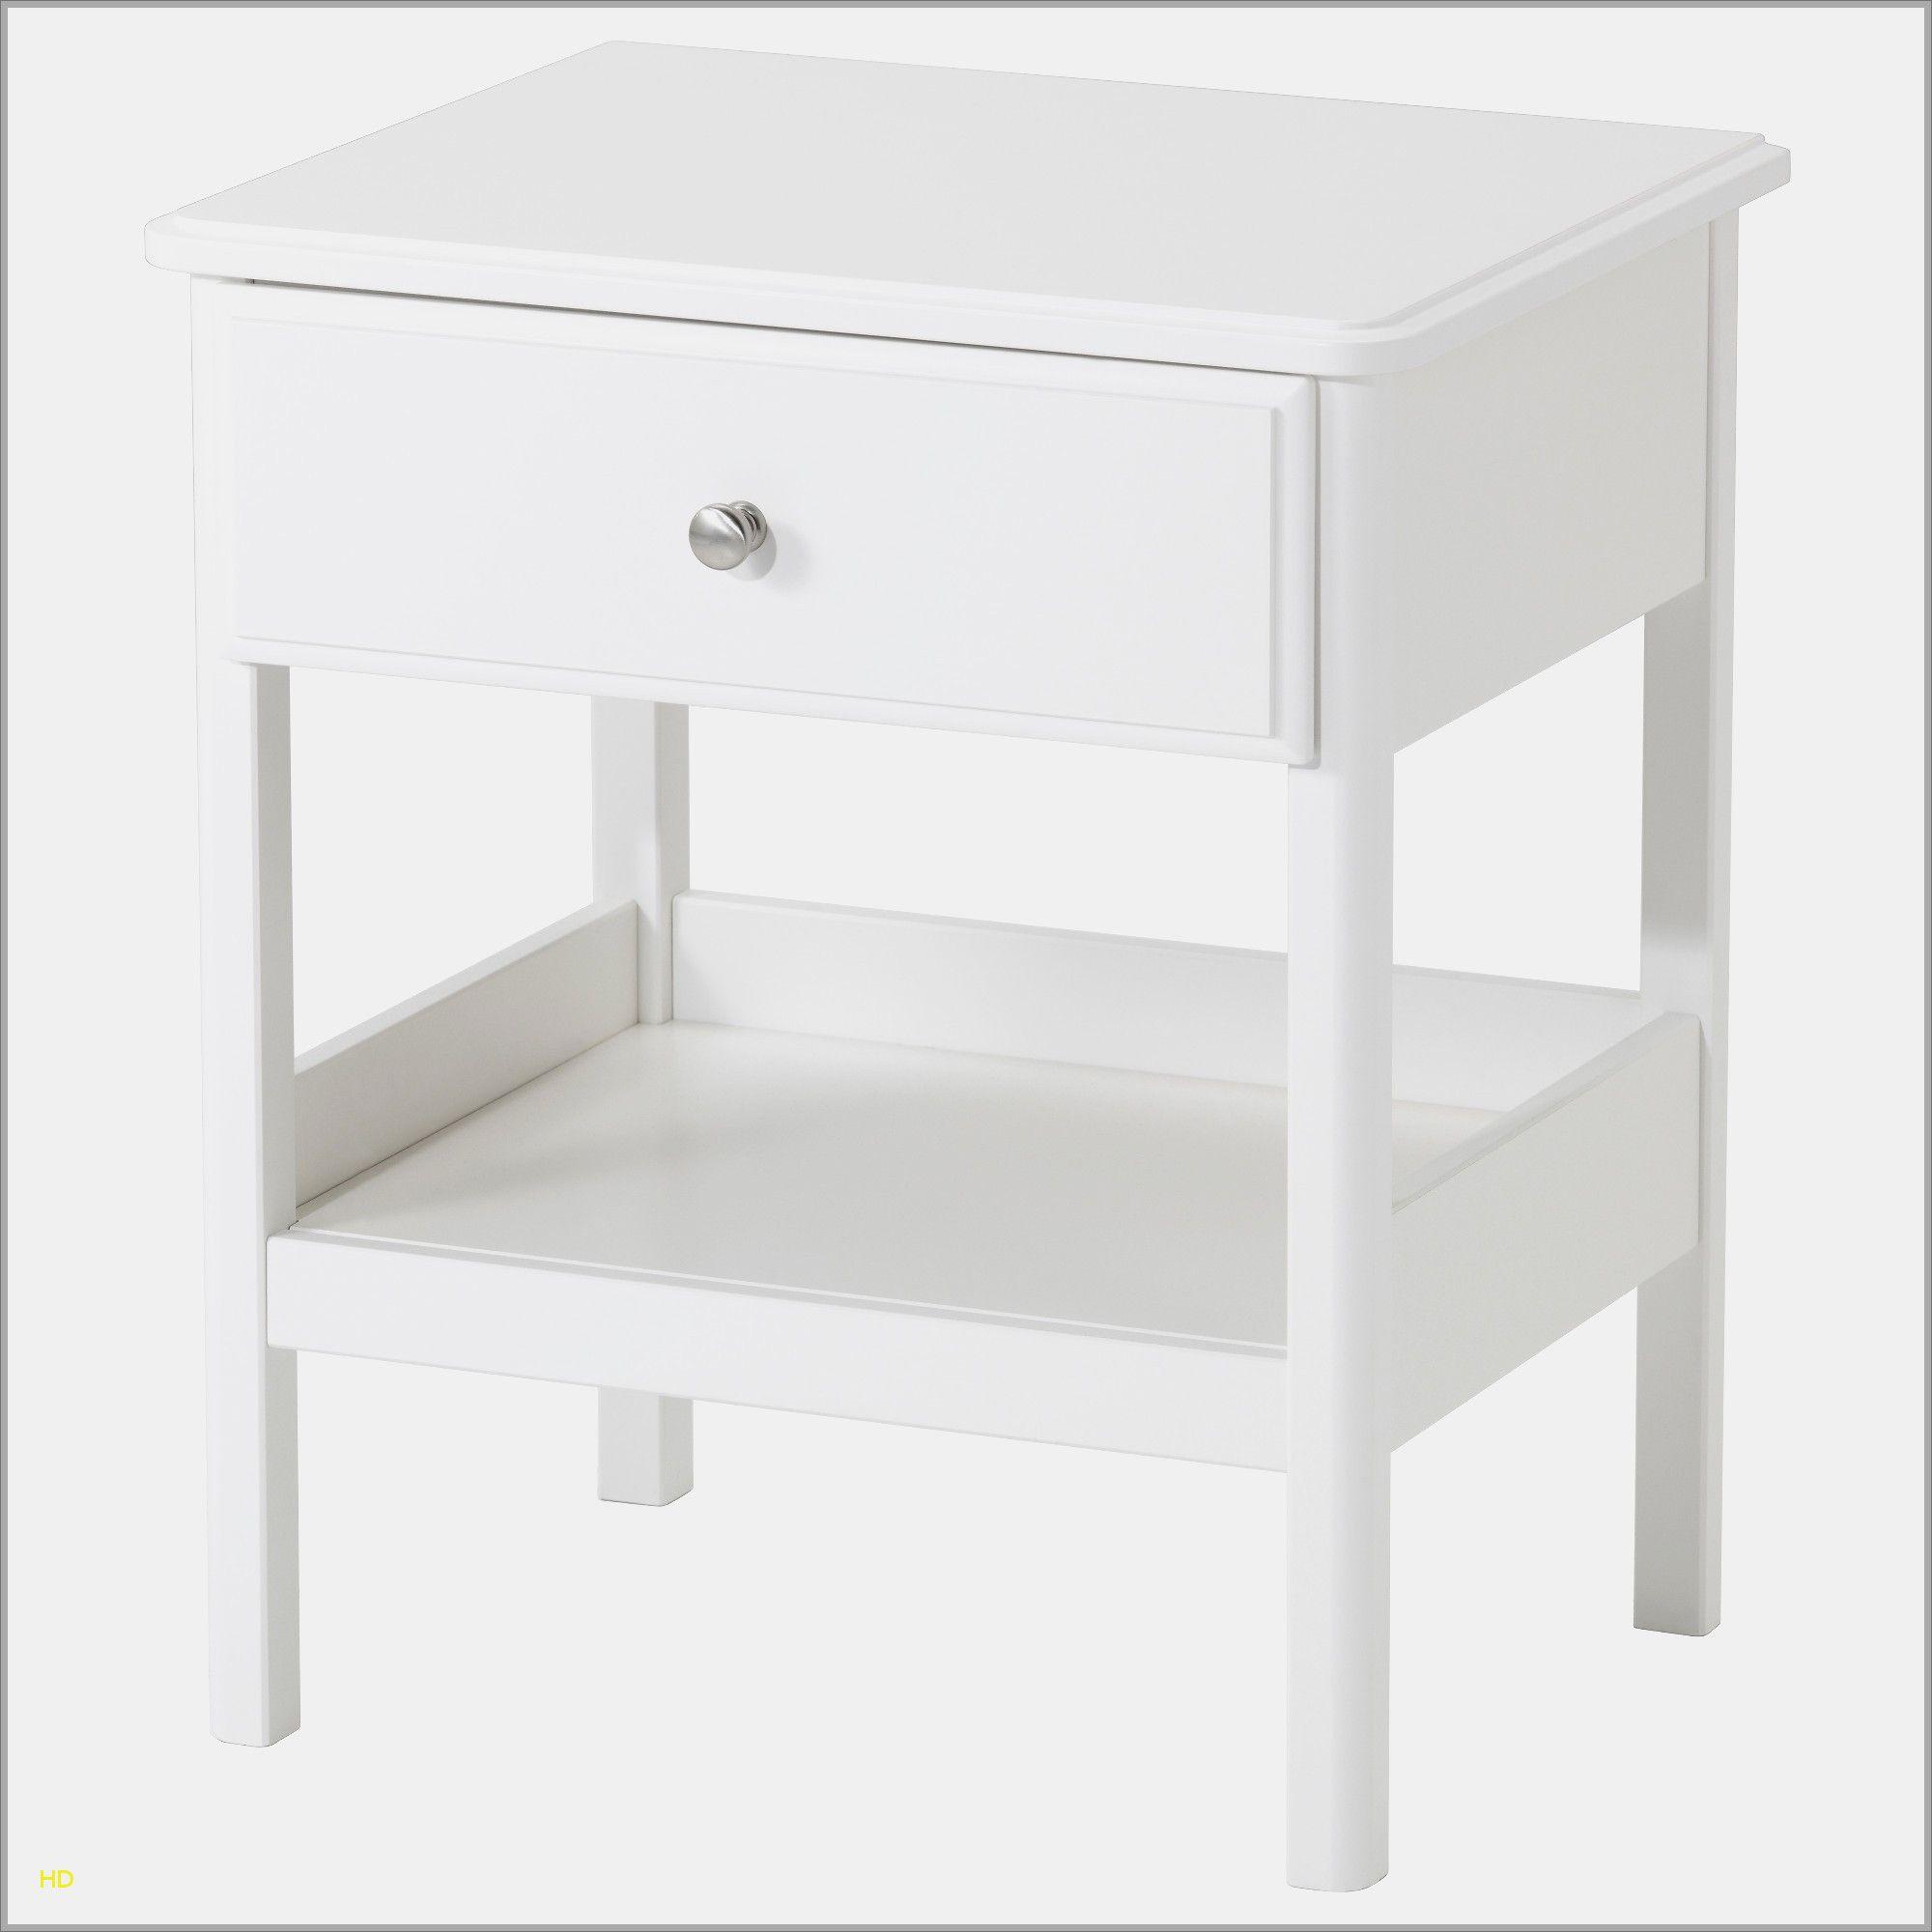 Best Of Lit Hensvik Ikea Table De Chevet Ikea Table De Chevet Design Hensvik Ikea